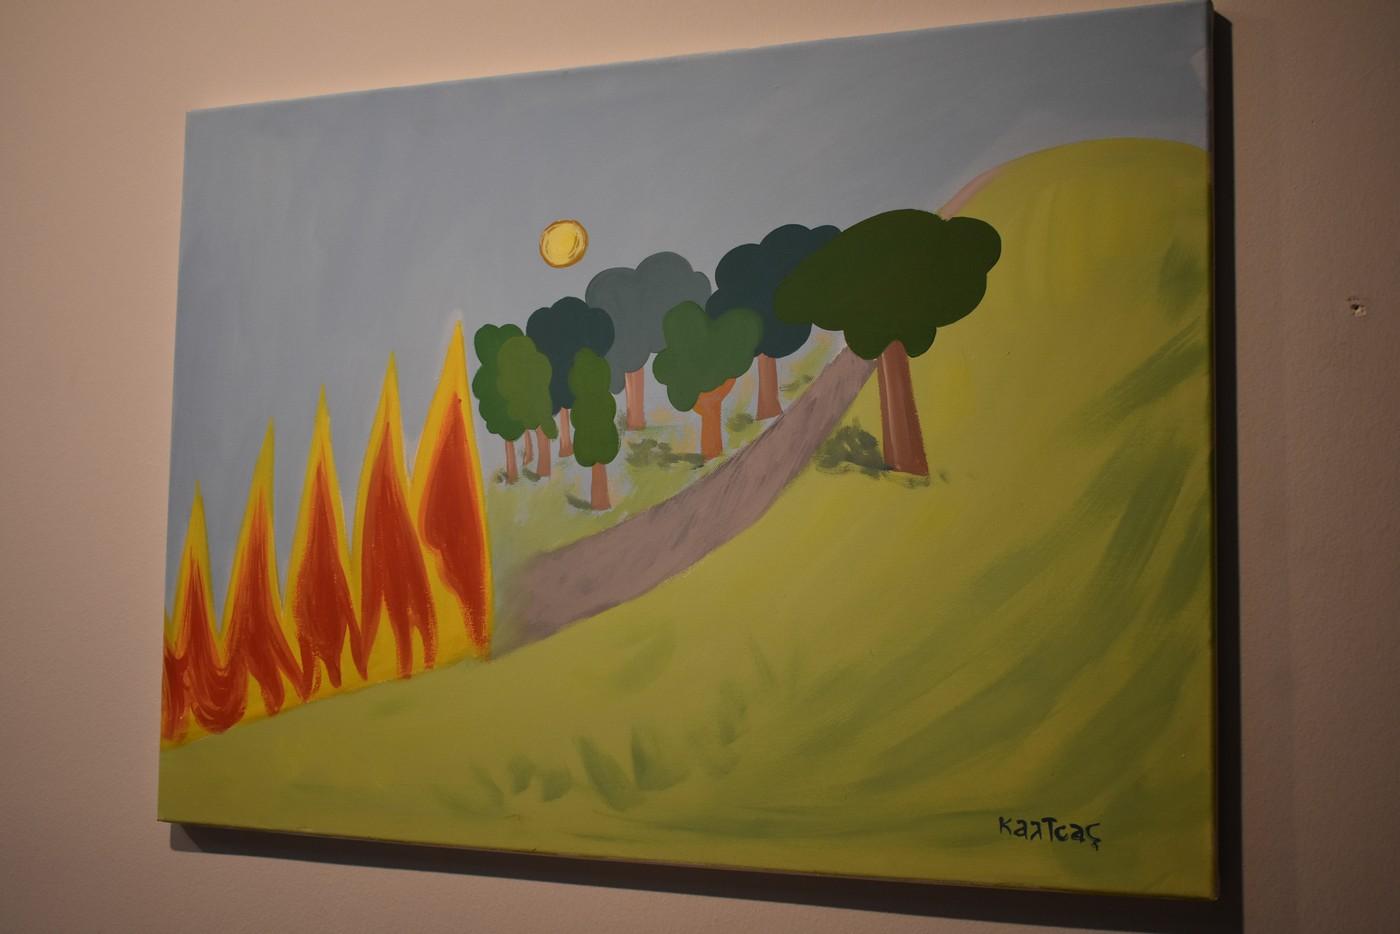 Εγκαίνια για την έκθεση ζωγραφικής «Περί μητέρας φύσης και οικουμενικότητας» στη Λάρισα